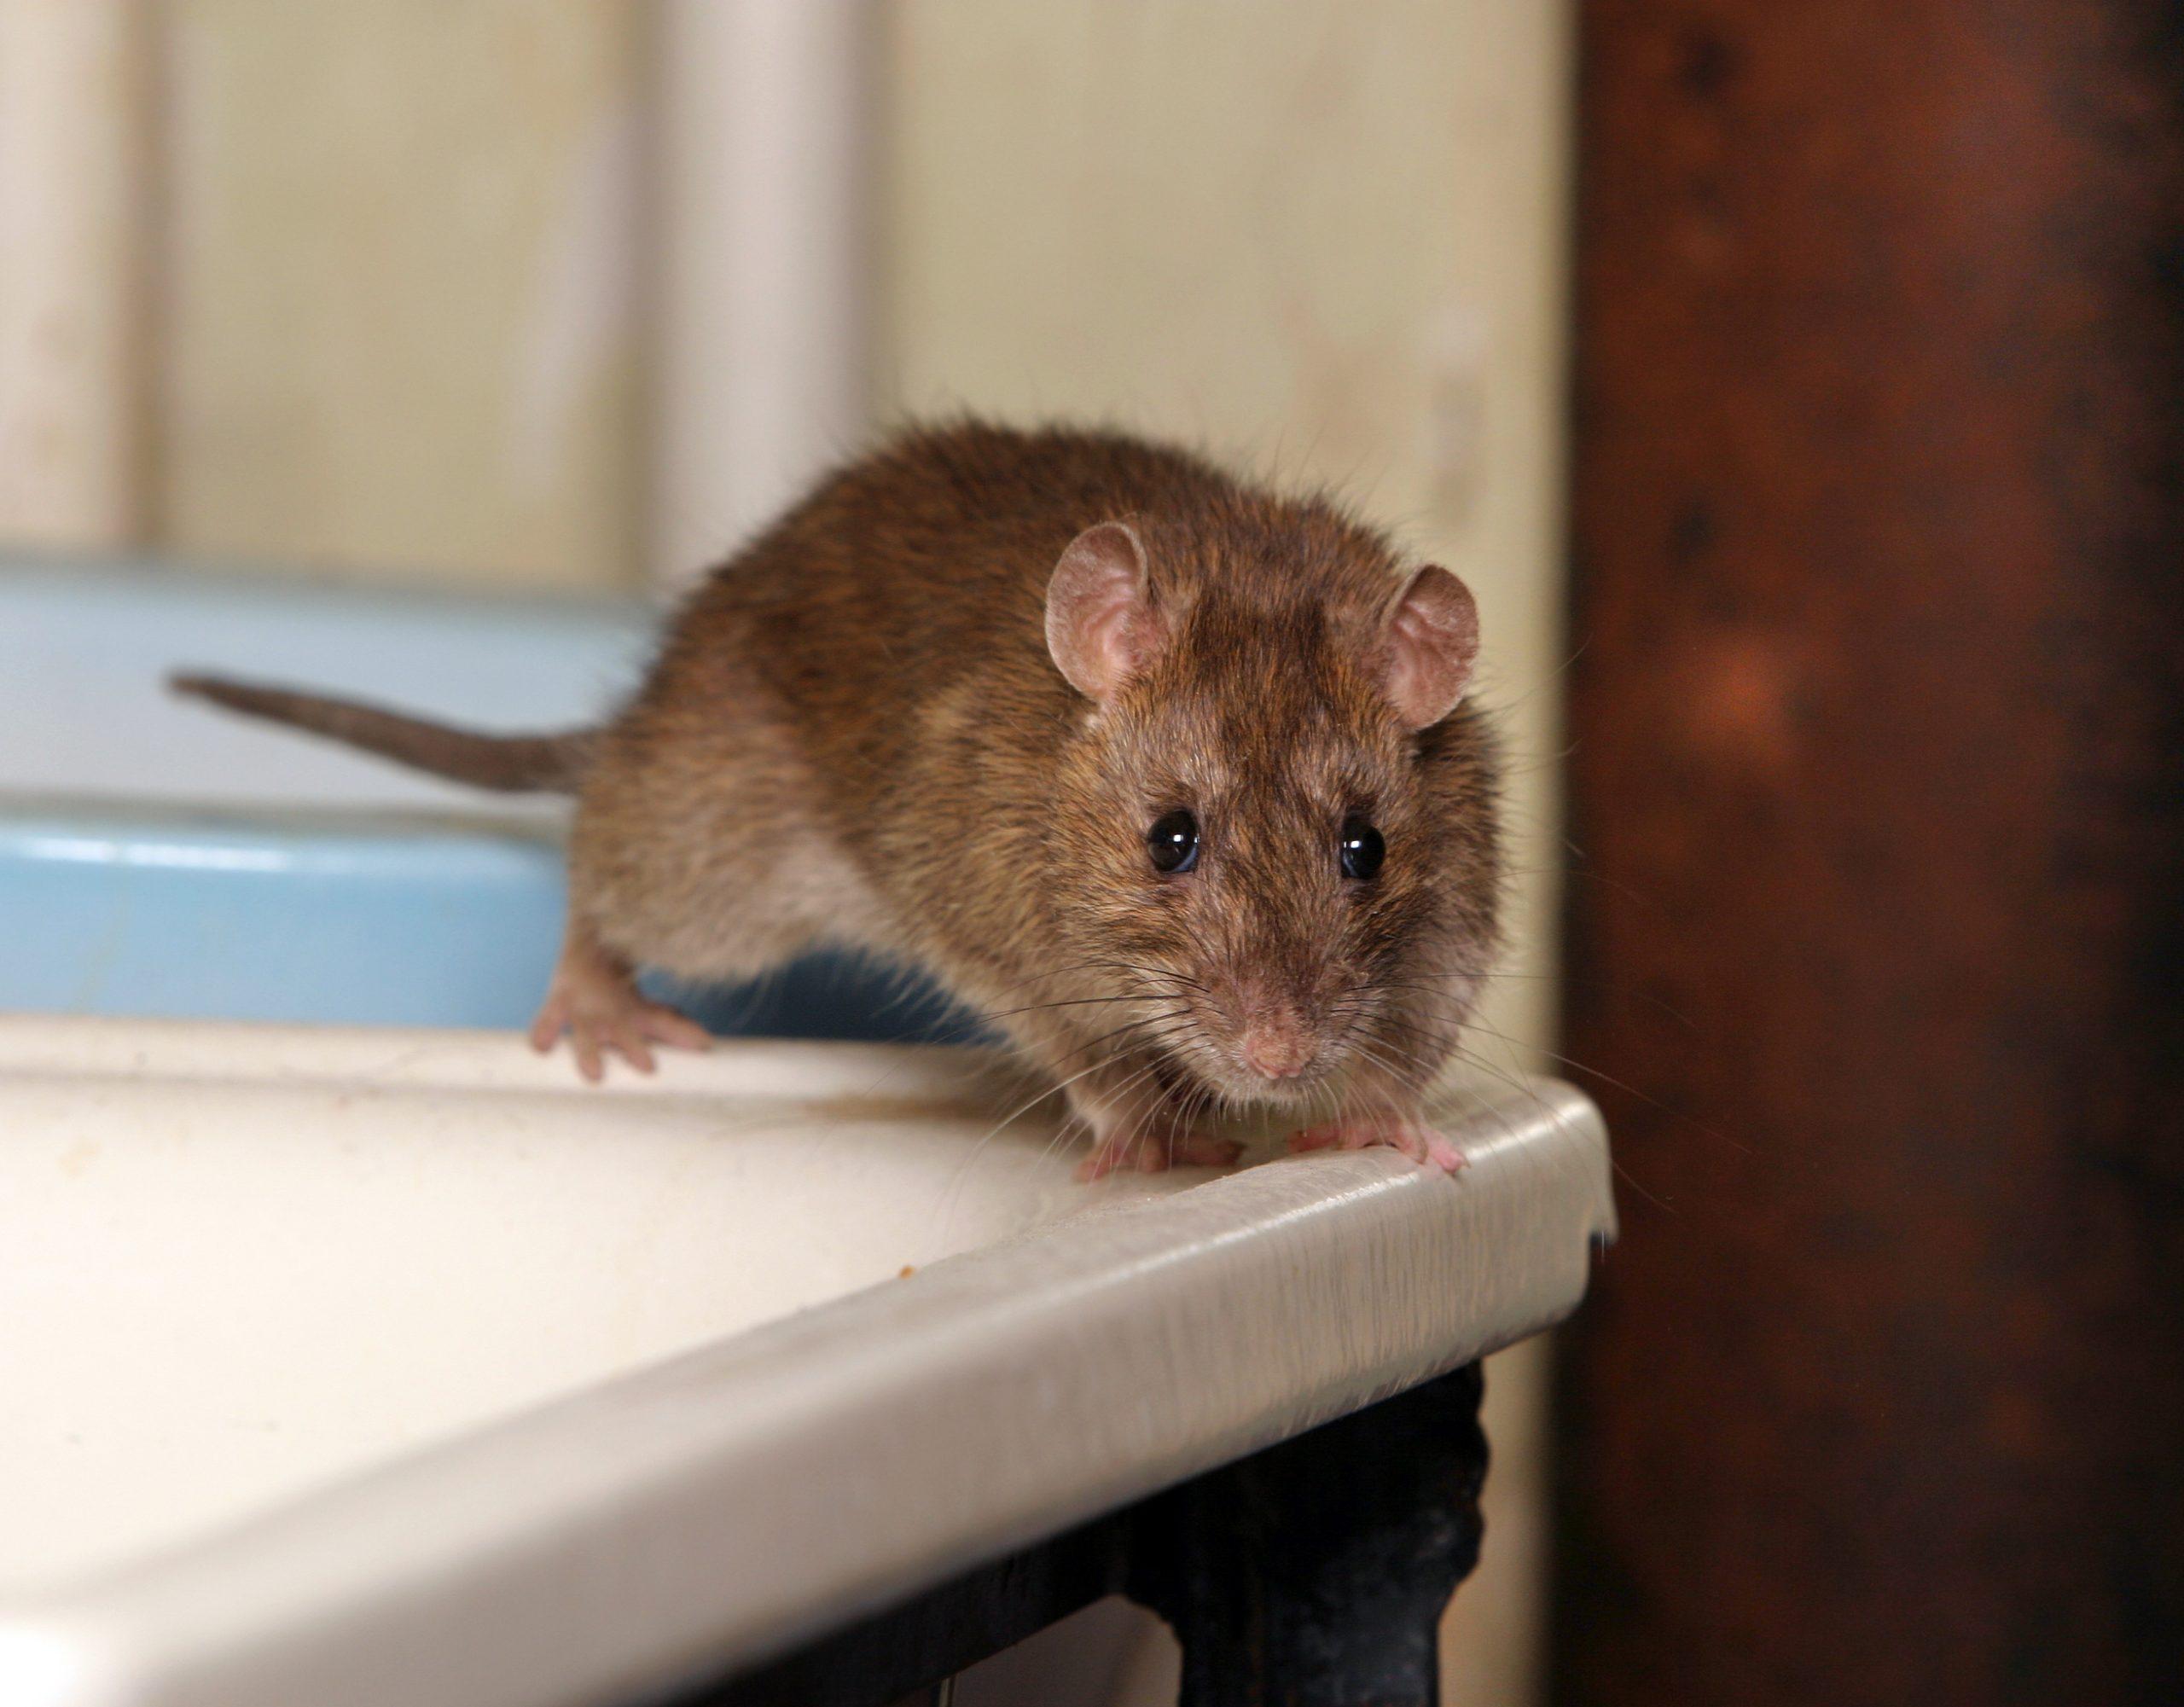 Souris Et Rats : Les Méthodes Pour Les Éliminer dedans Comment Se Débarrasser Des Rats Dans Le Jardin